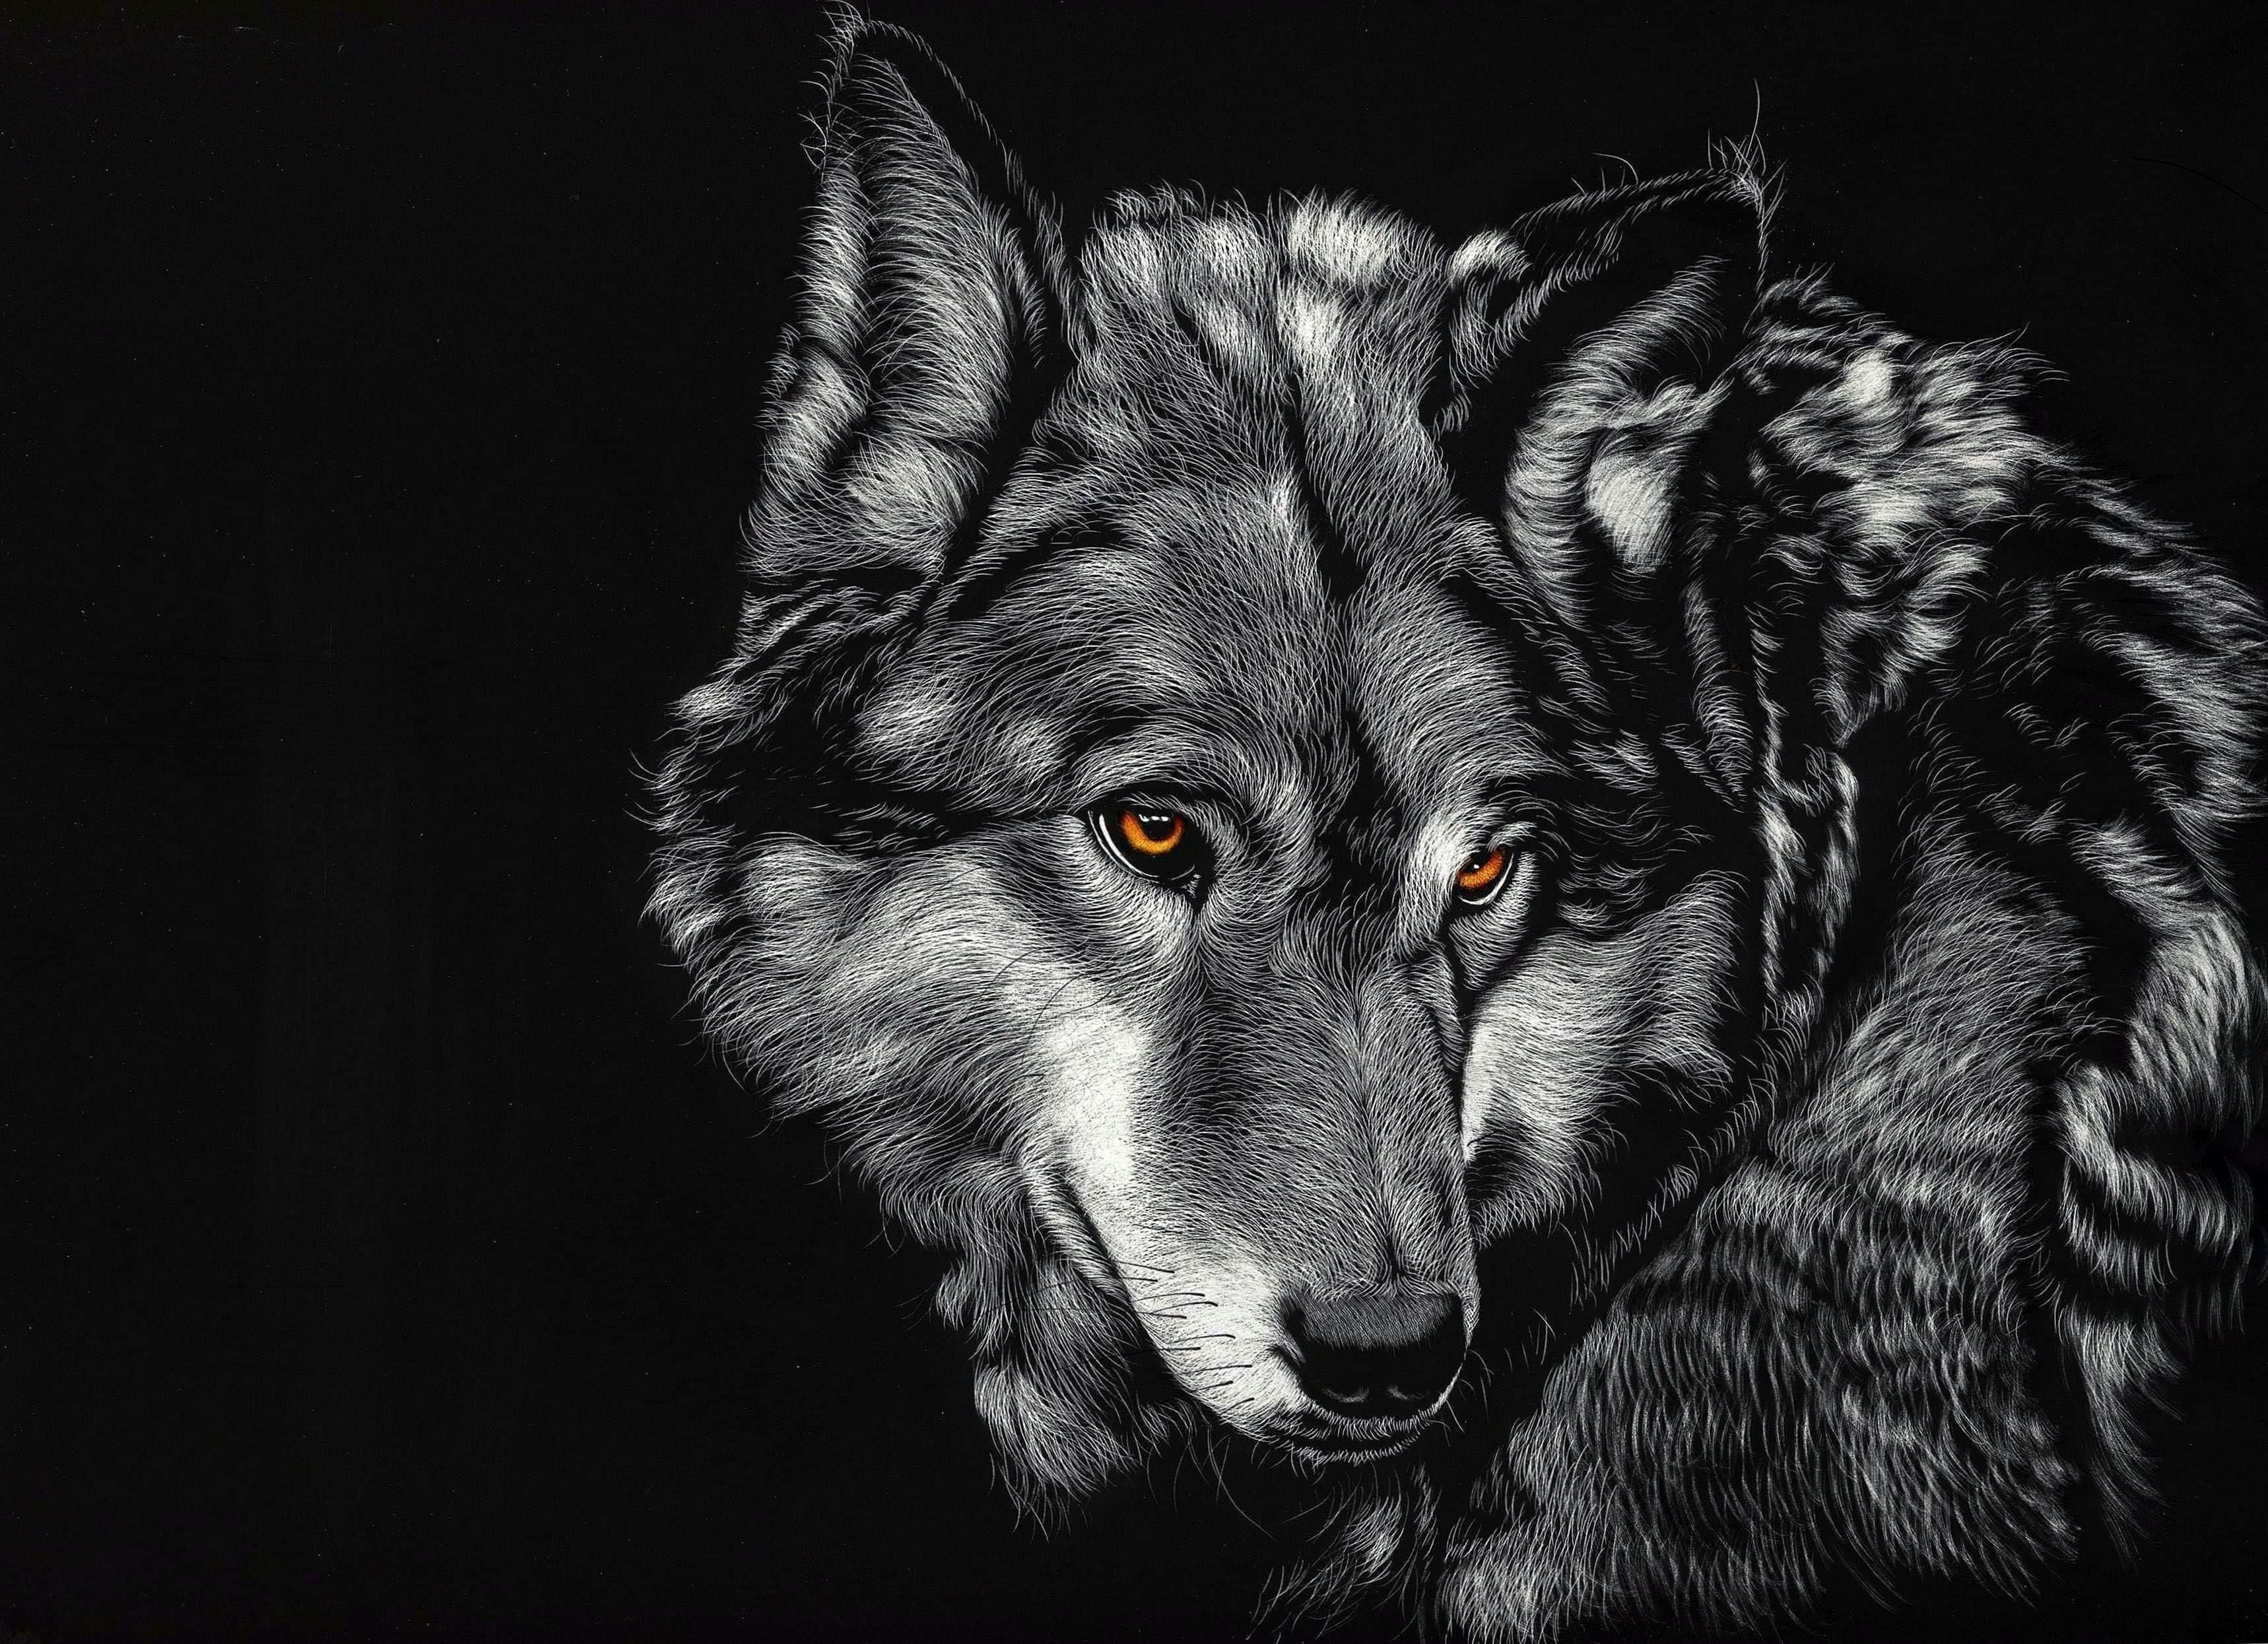 Dark Wolf Wallpaper 4K